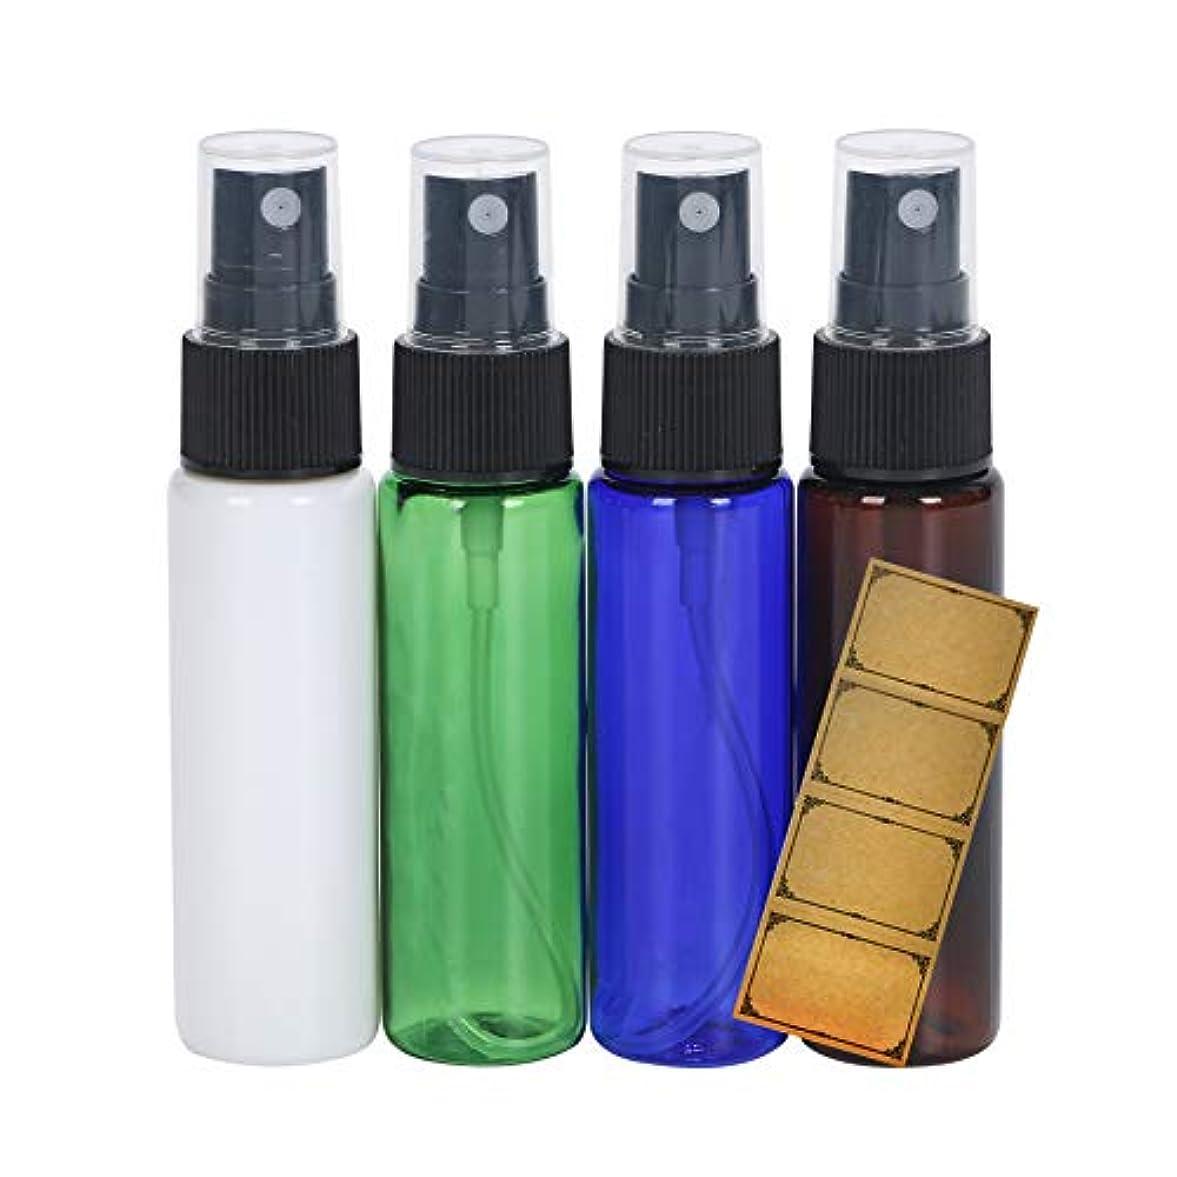 また報奨金インレイスプレーボトル 30ml 4本 オリジナルラベルシール付き 遮光 PET製 (4色(青、緑、茶、白))